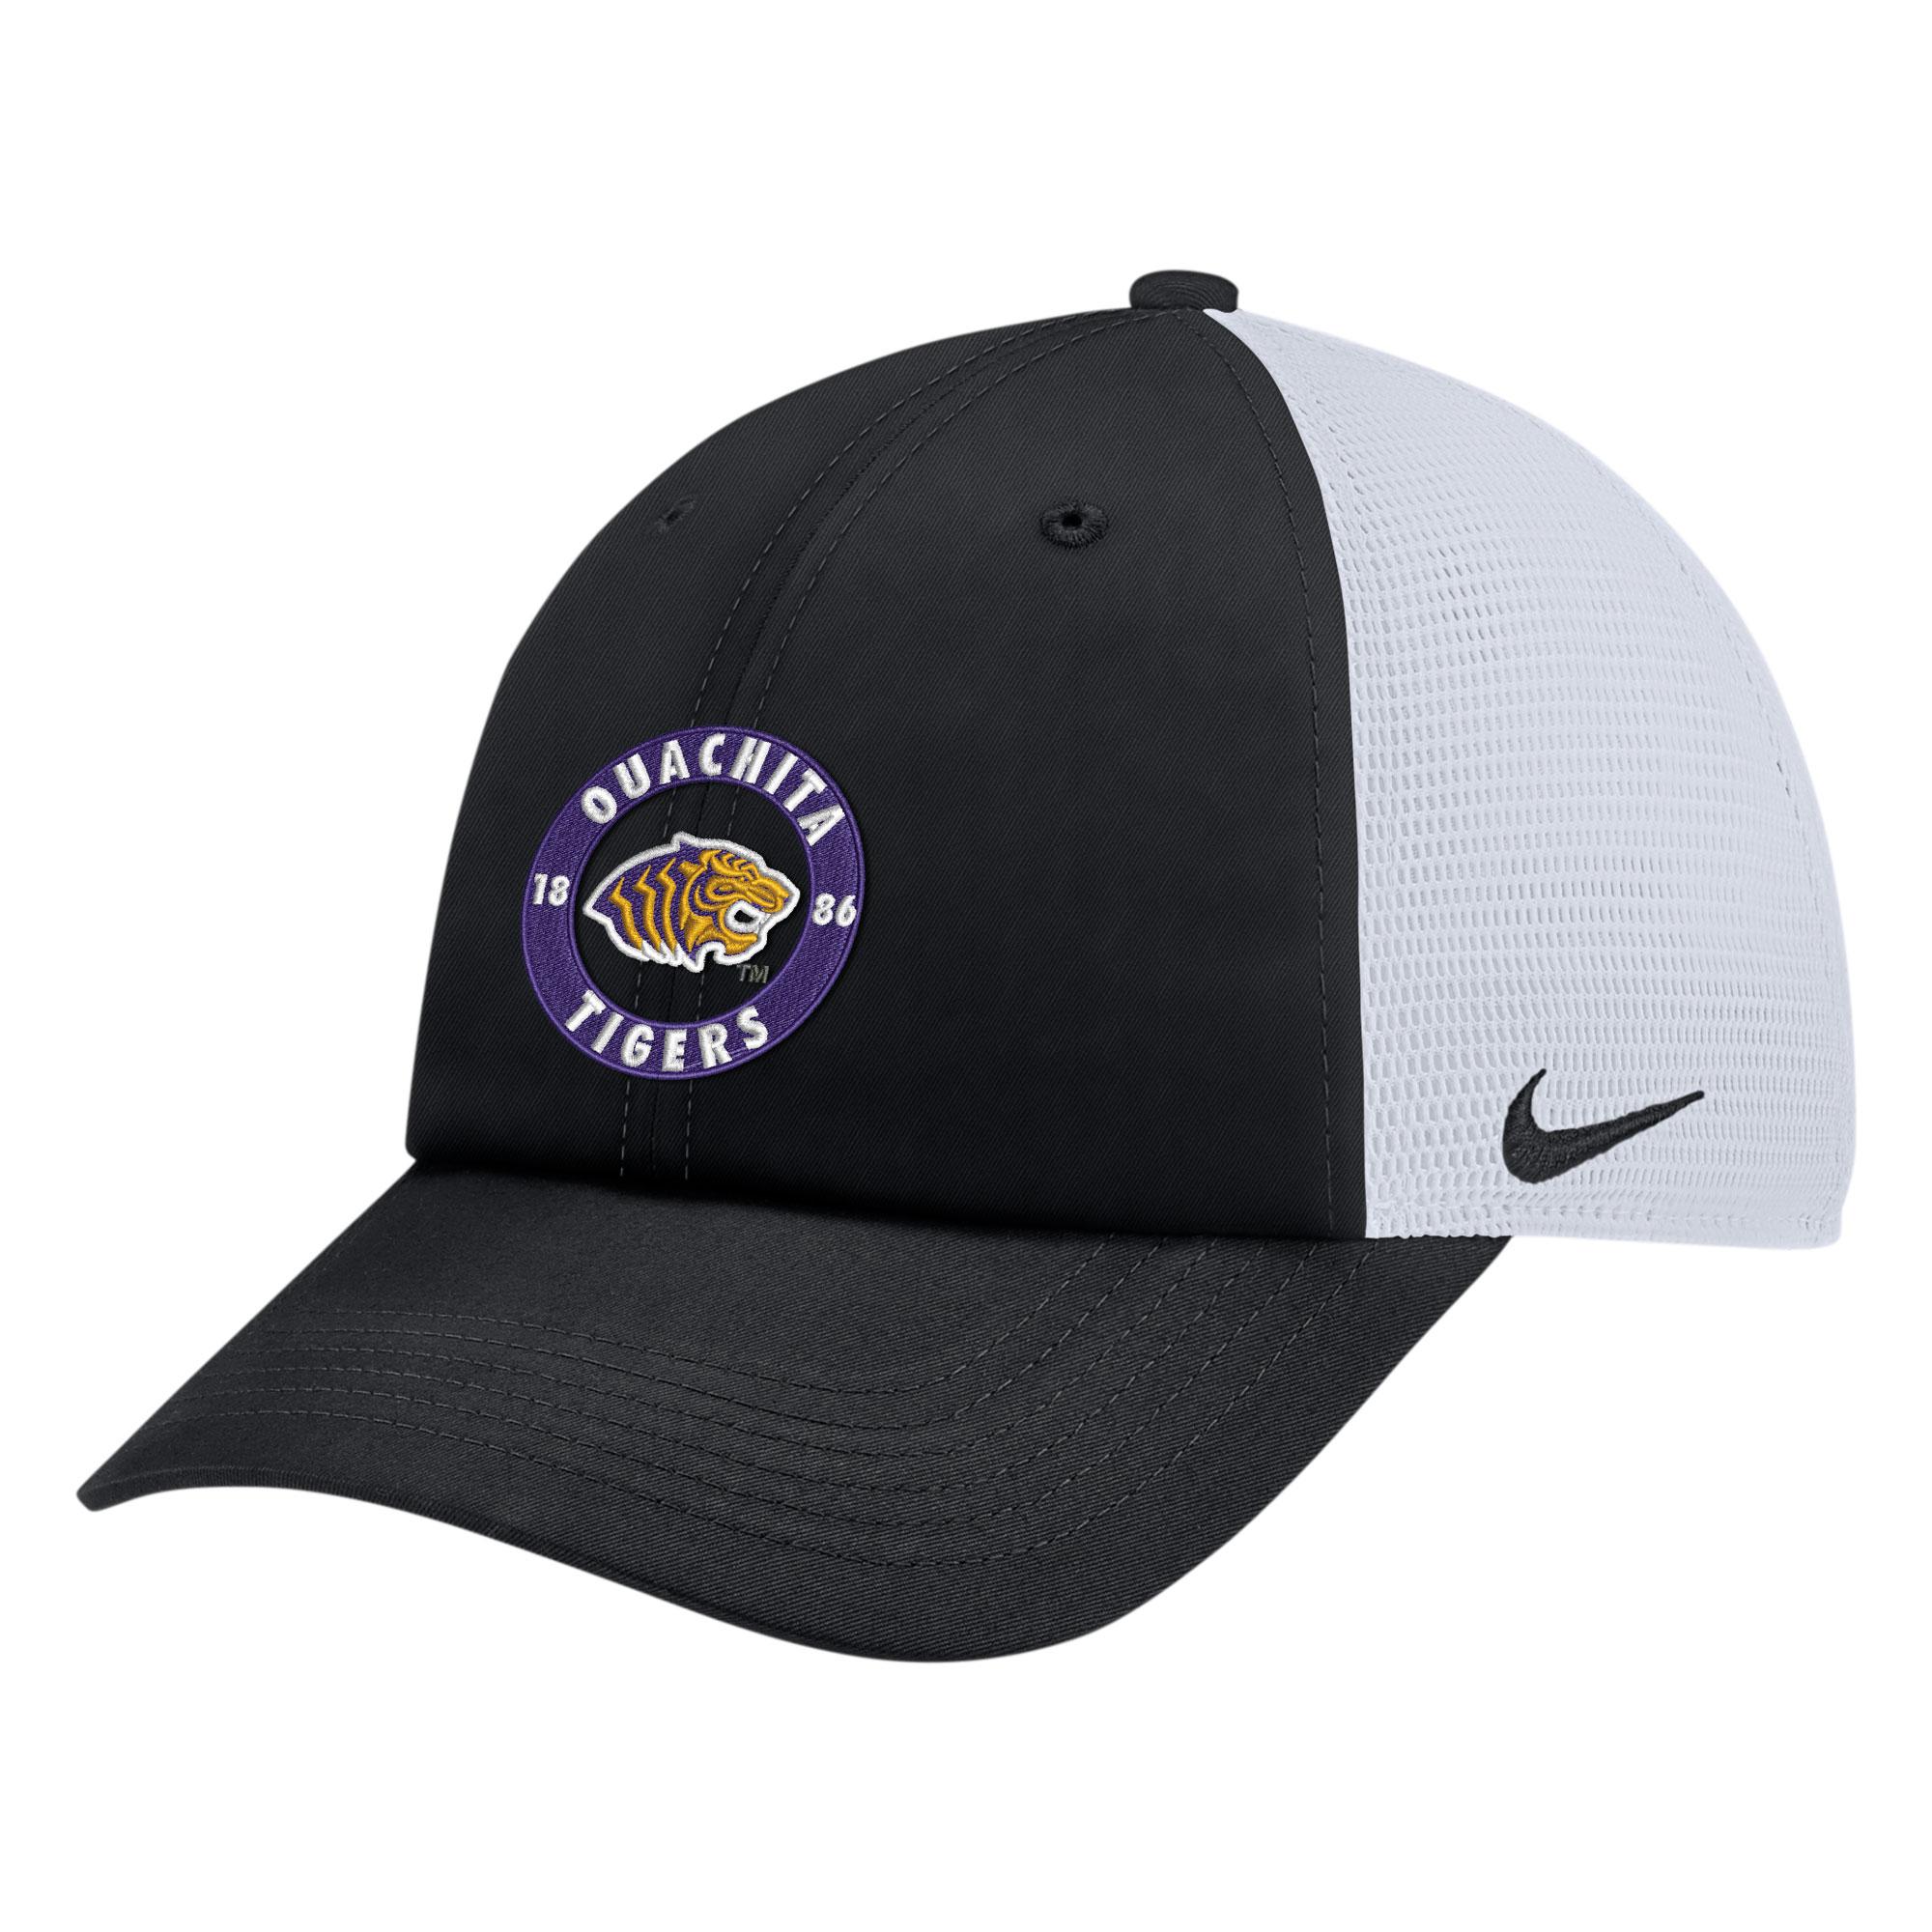 OUACHITA TIGERS DRIFIT MESH CAP